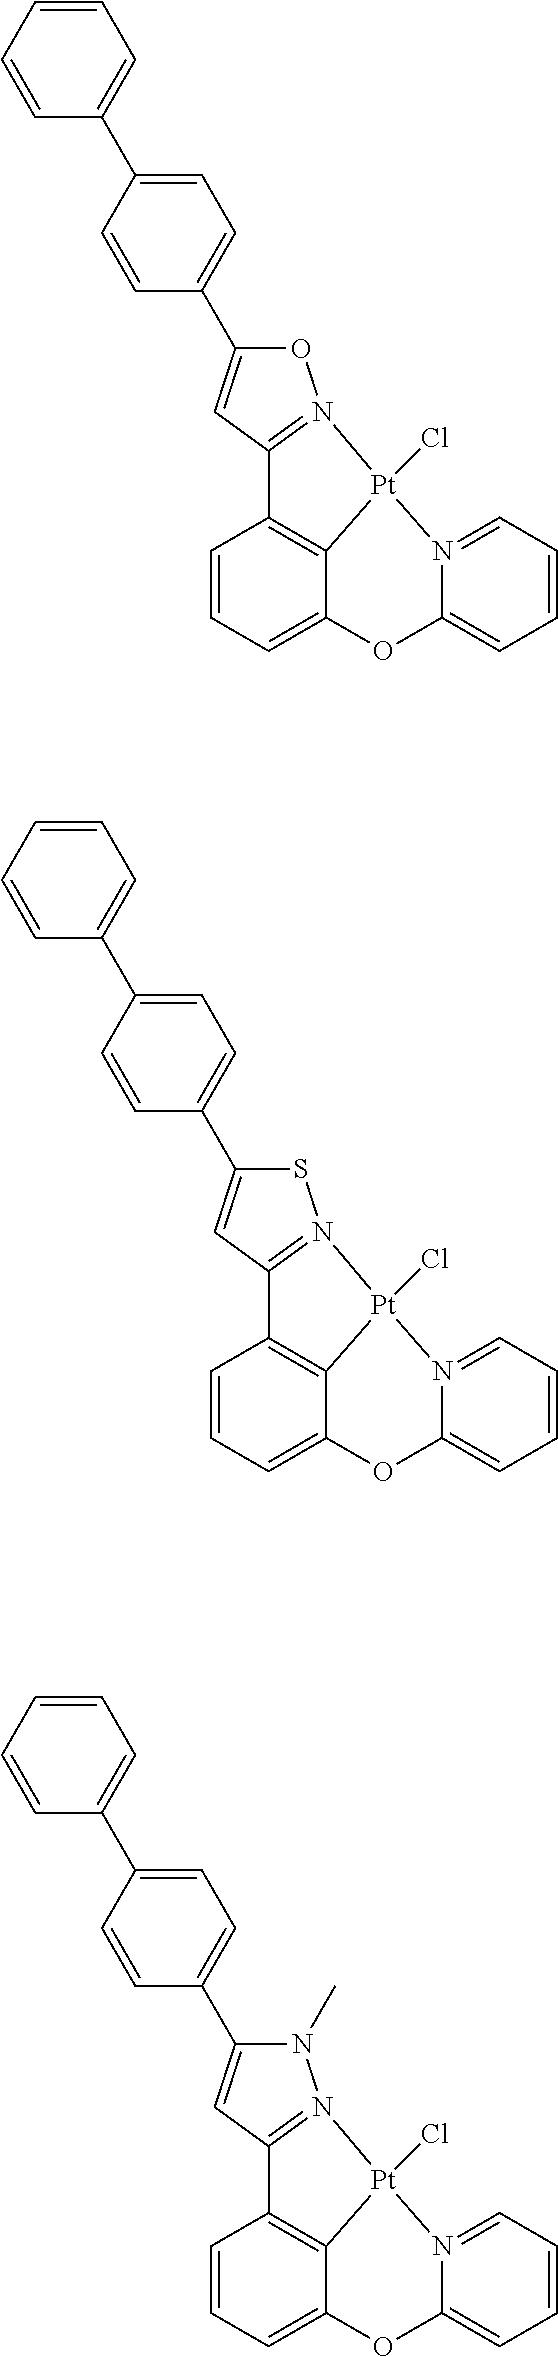 Figure US09818959-20171114-C00512